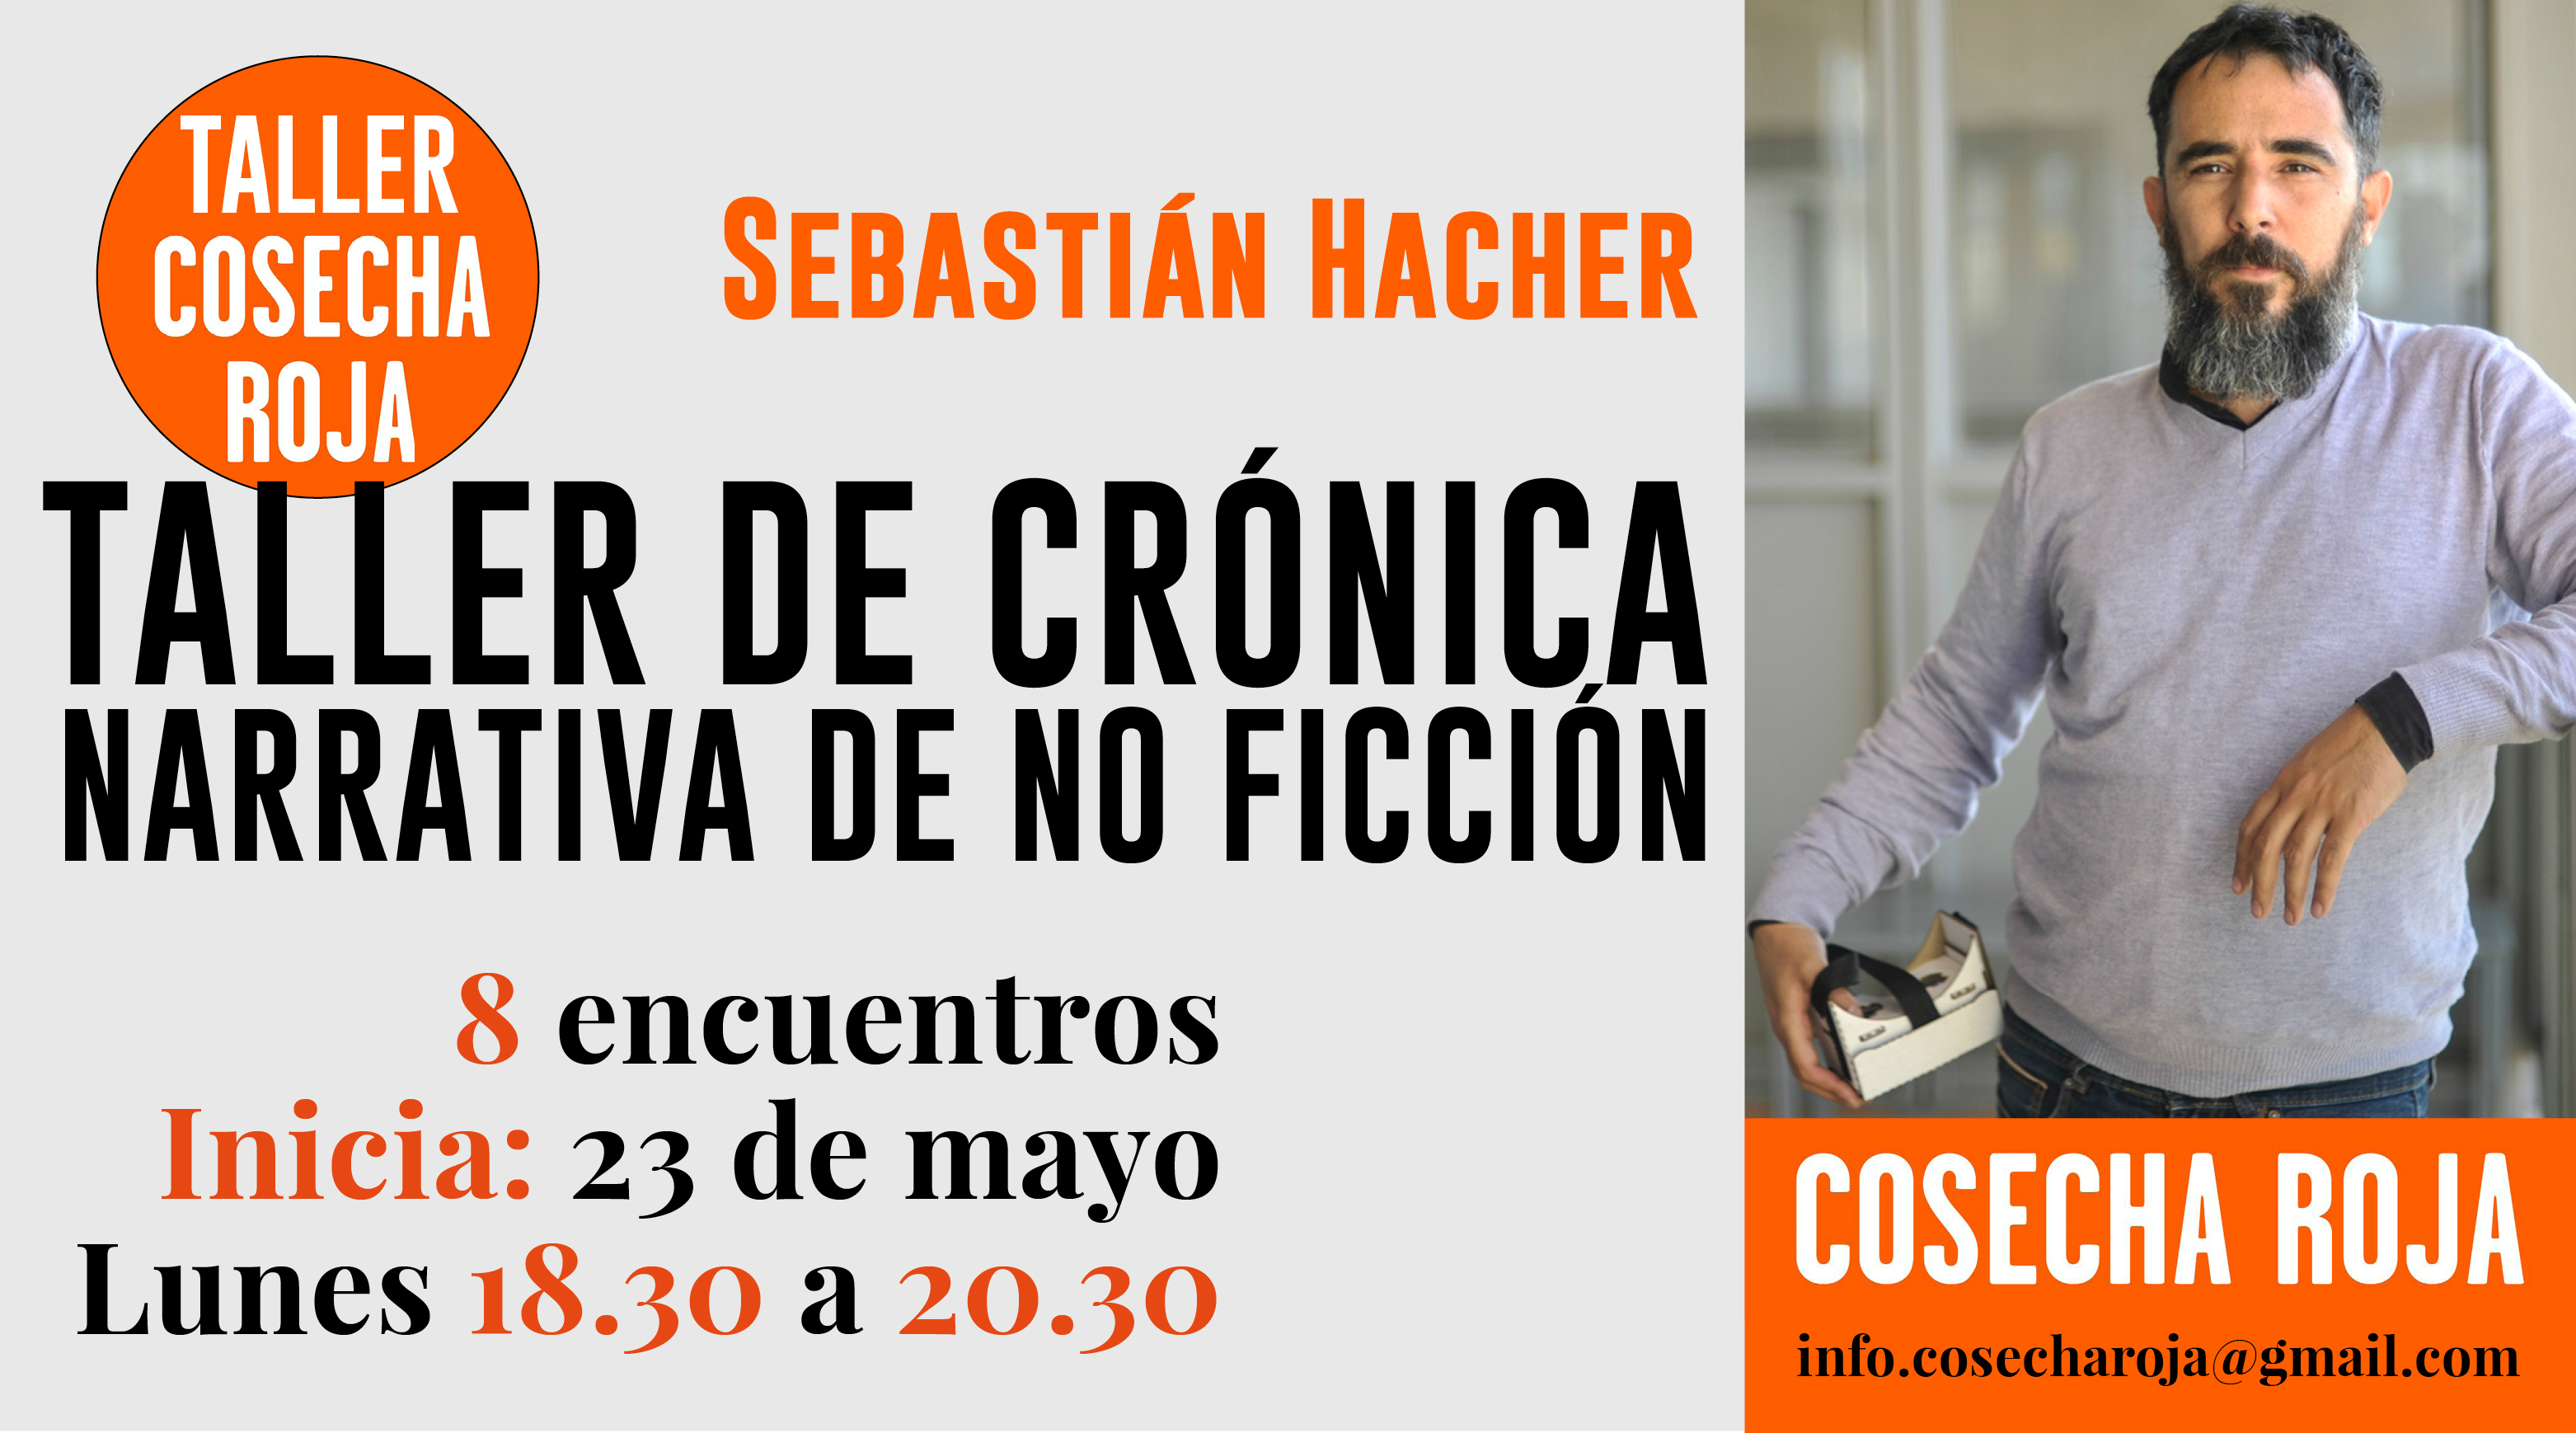 Taller de Cronica Hacher